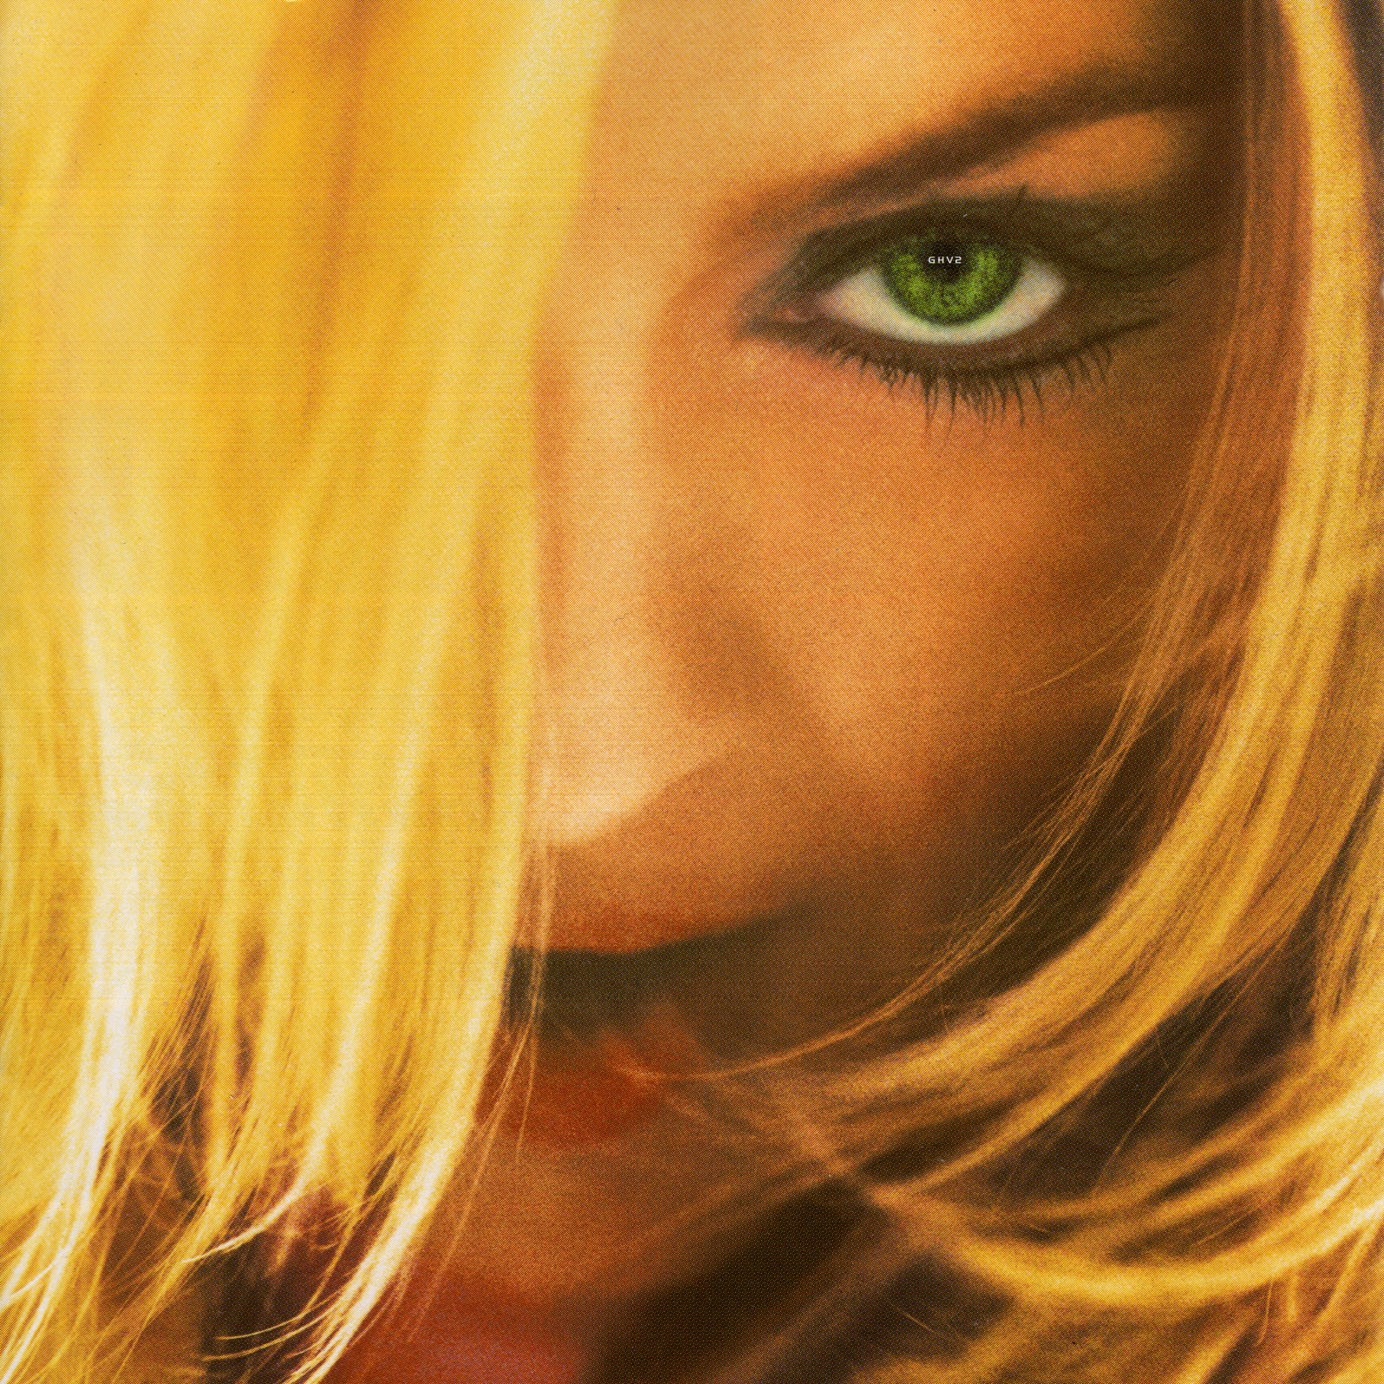 http://4.bp.blogspot.com/-dSdwOkNgtRk/TxSqGu0RV1I/AAAAAAAA-jw/uDp701iuyqw/s1600/Madonna+-+GHV2+%255BFront%255D.jpg